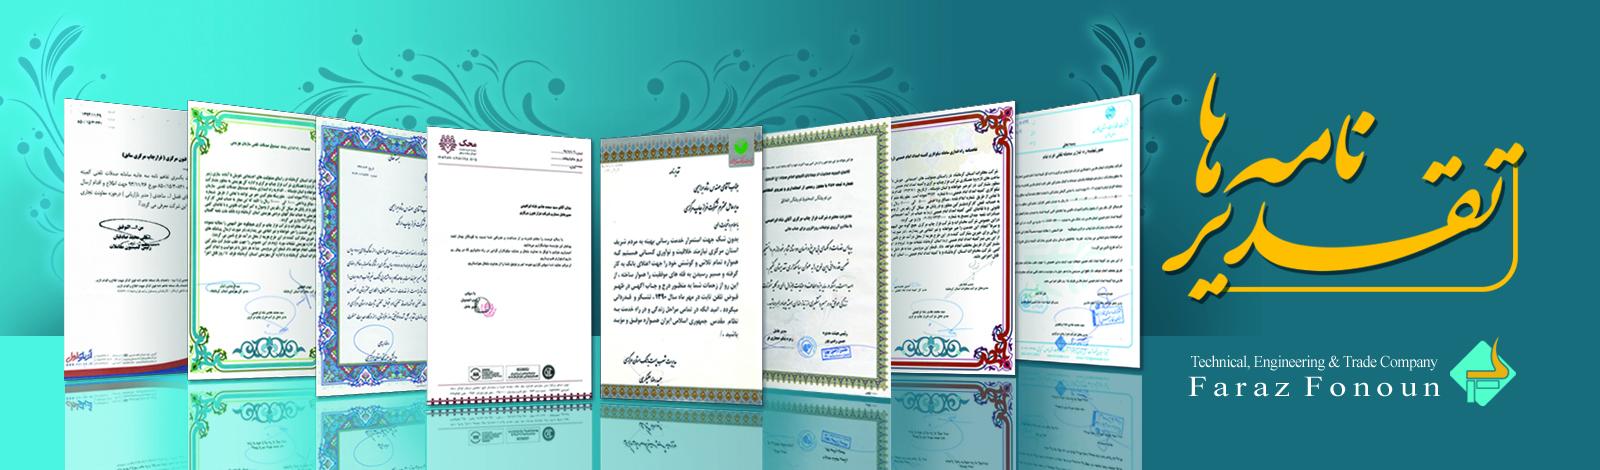 1 مجوزها و گواهینامه ها